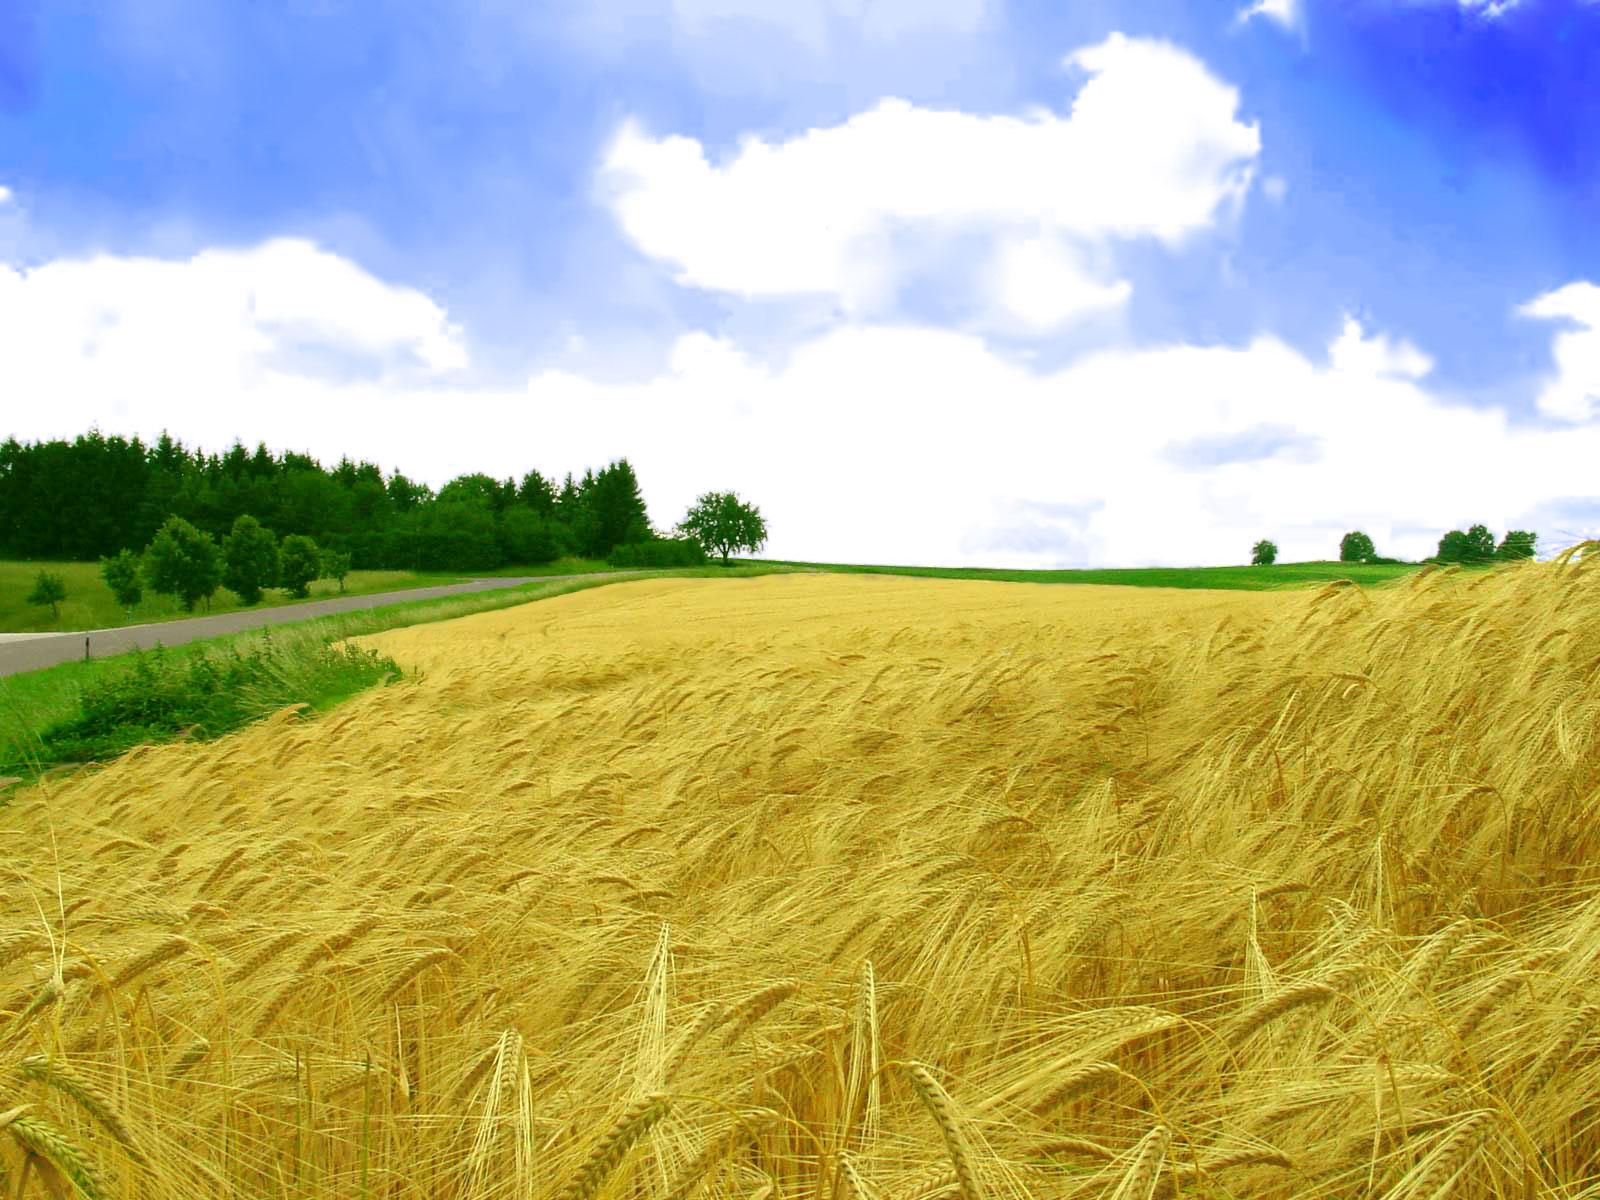 http://2.bp.blogspot.com/-4zUT6qjYGLA/TxT8YK9rL9I/AAAAAAAAAoQ/--SvFECLpCQ/s1600/golden-field_wallpapers_130_1600x1200.jpg